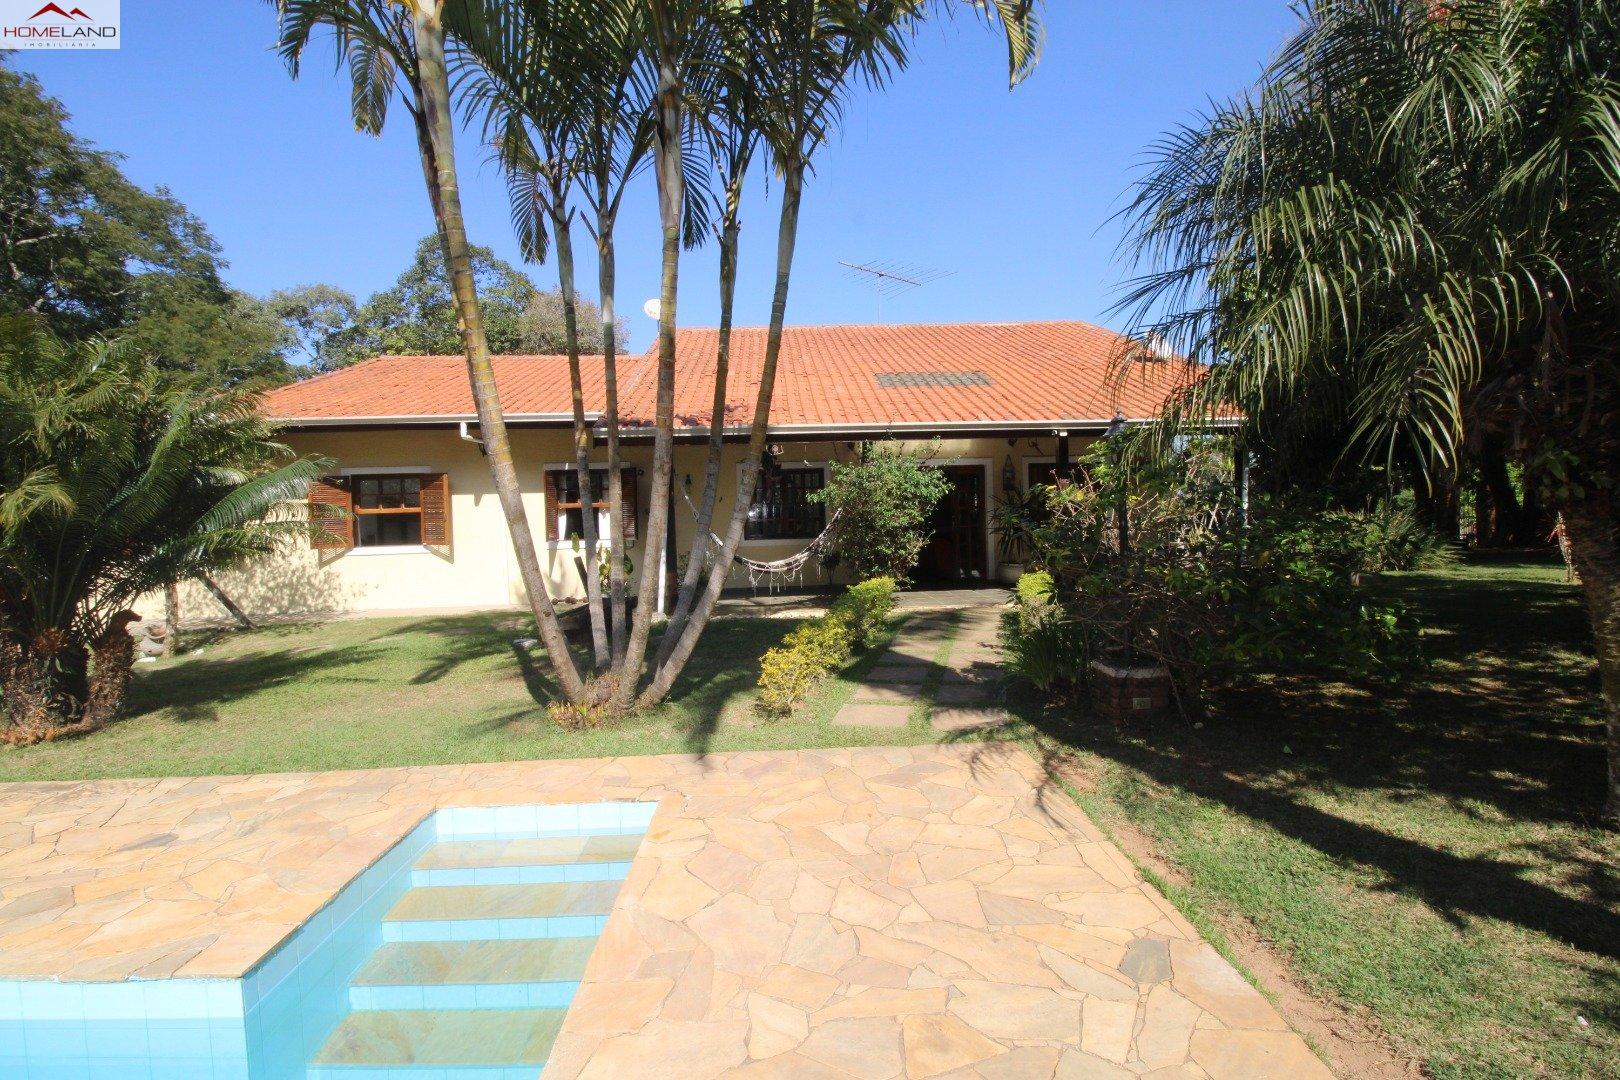 HL-185 Vende-se ou aluga-se casa para moradia e lazer no Patrimônio do Carmo R$ 850 mil / 4 mil